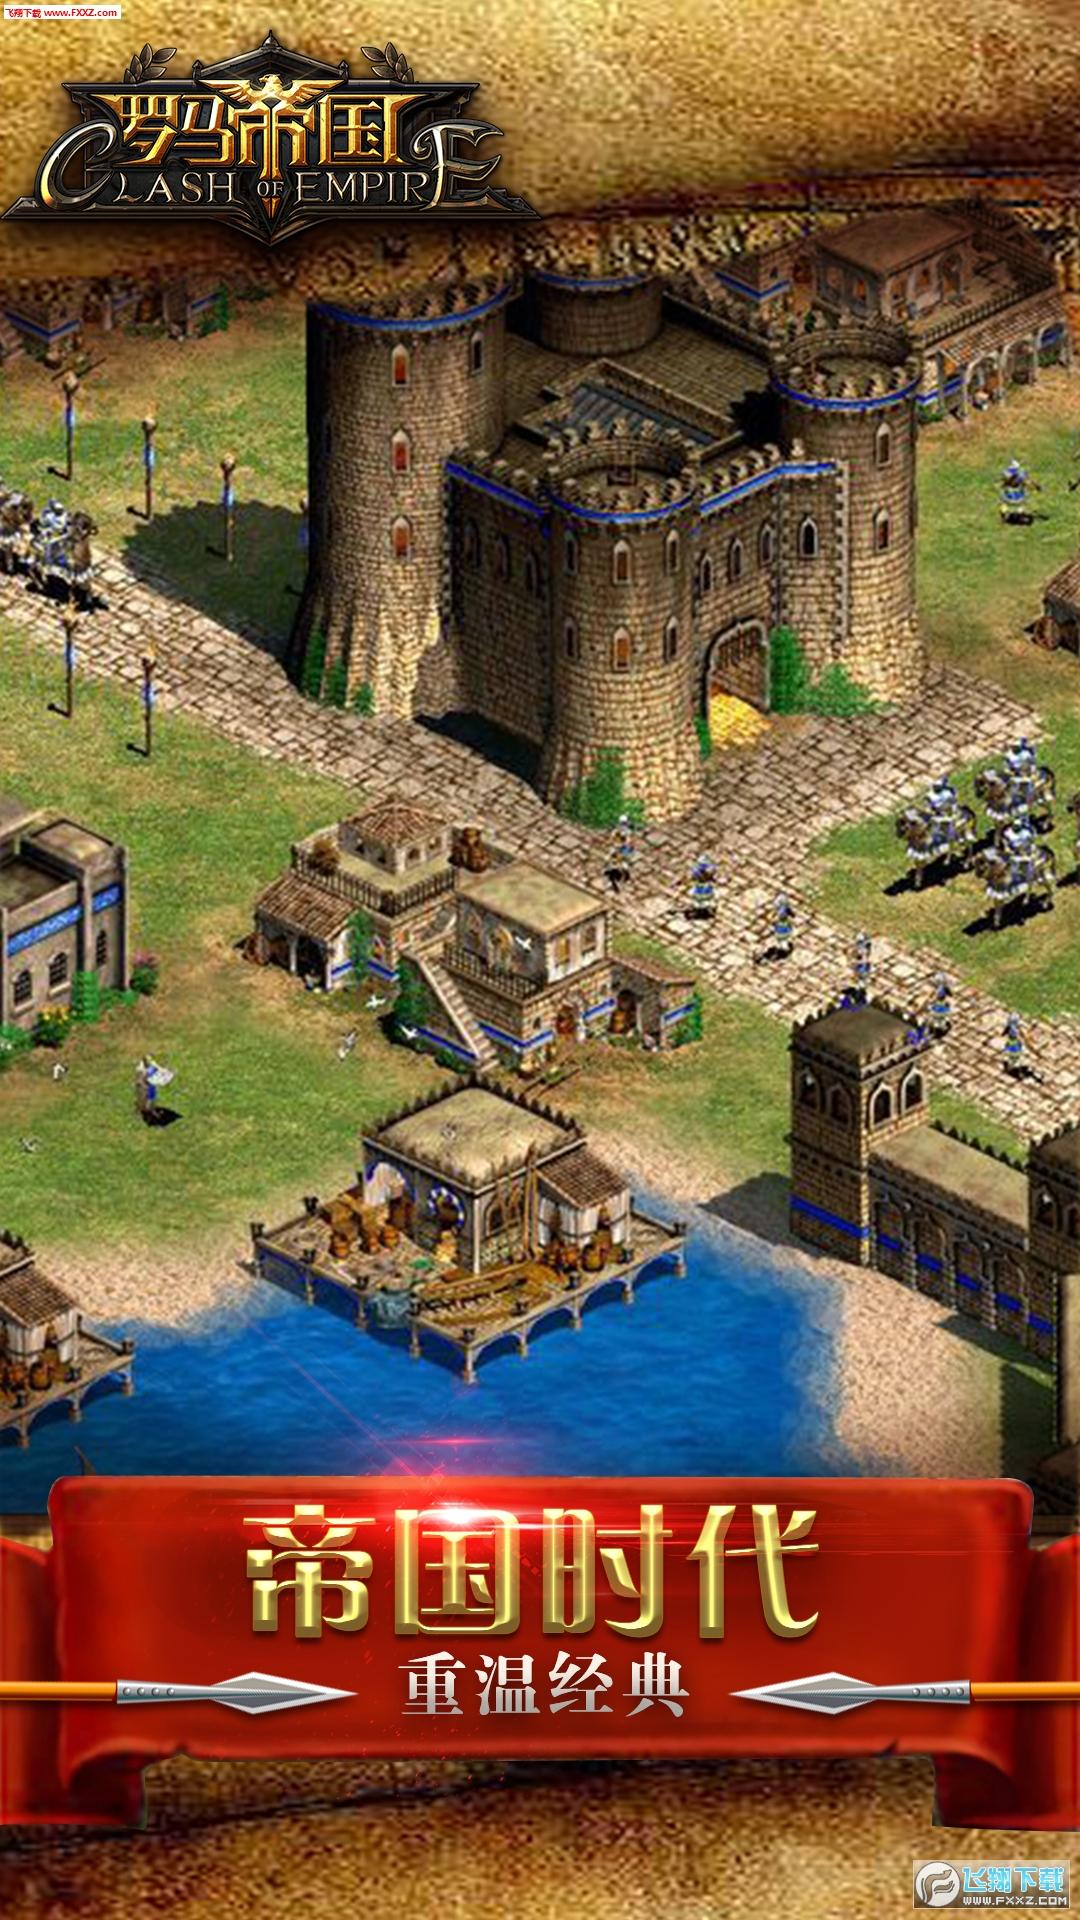 罗马帝国玩胜之战v1.10.1安卓版截图3